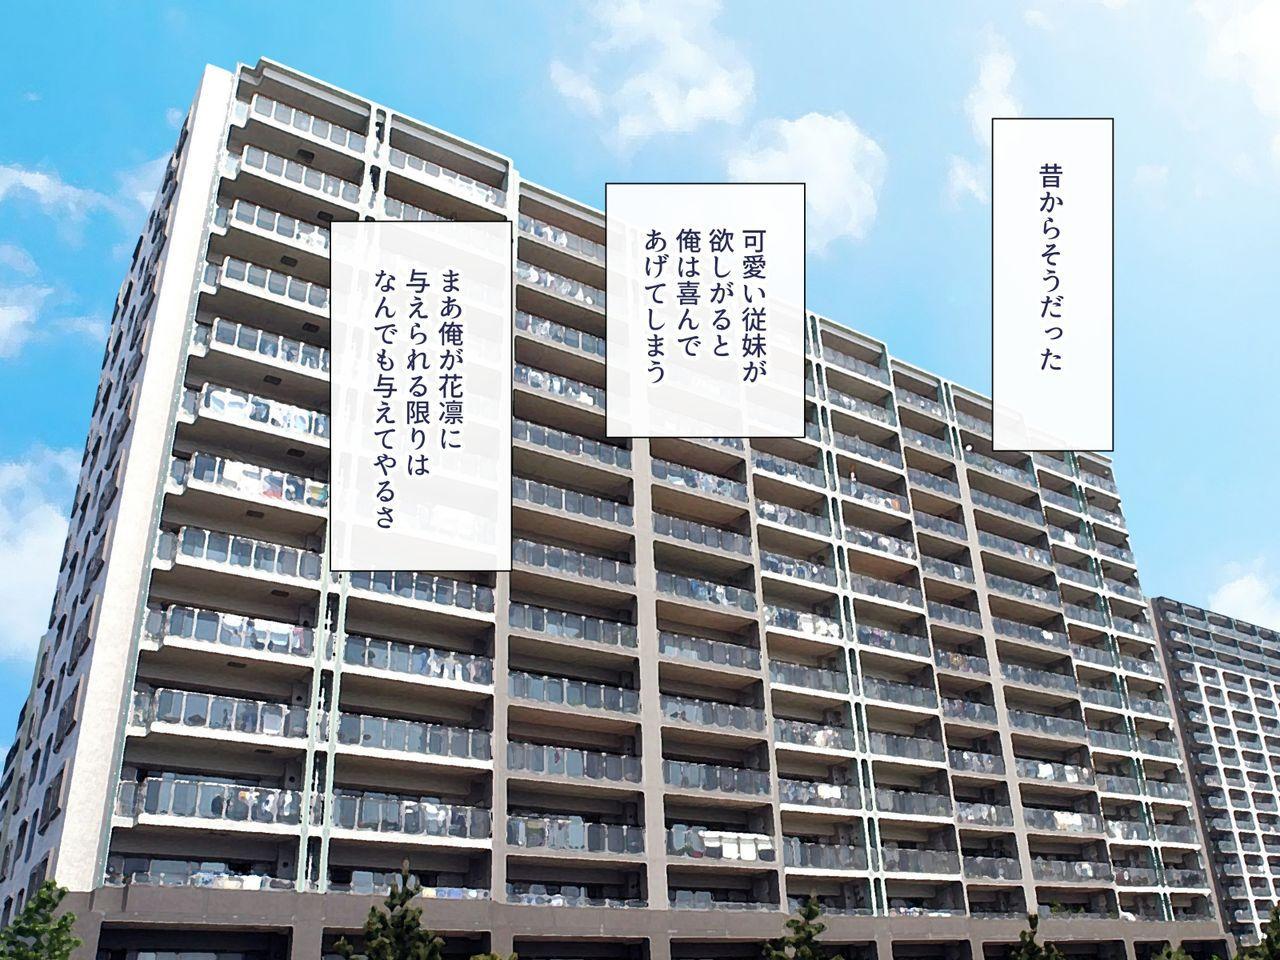 Uchiki na Jyumai ga Ore no Tame ni Karada o Kitaeta Kekka 86